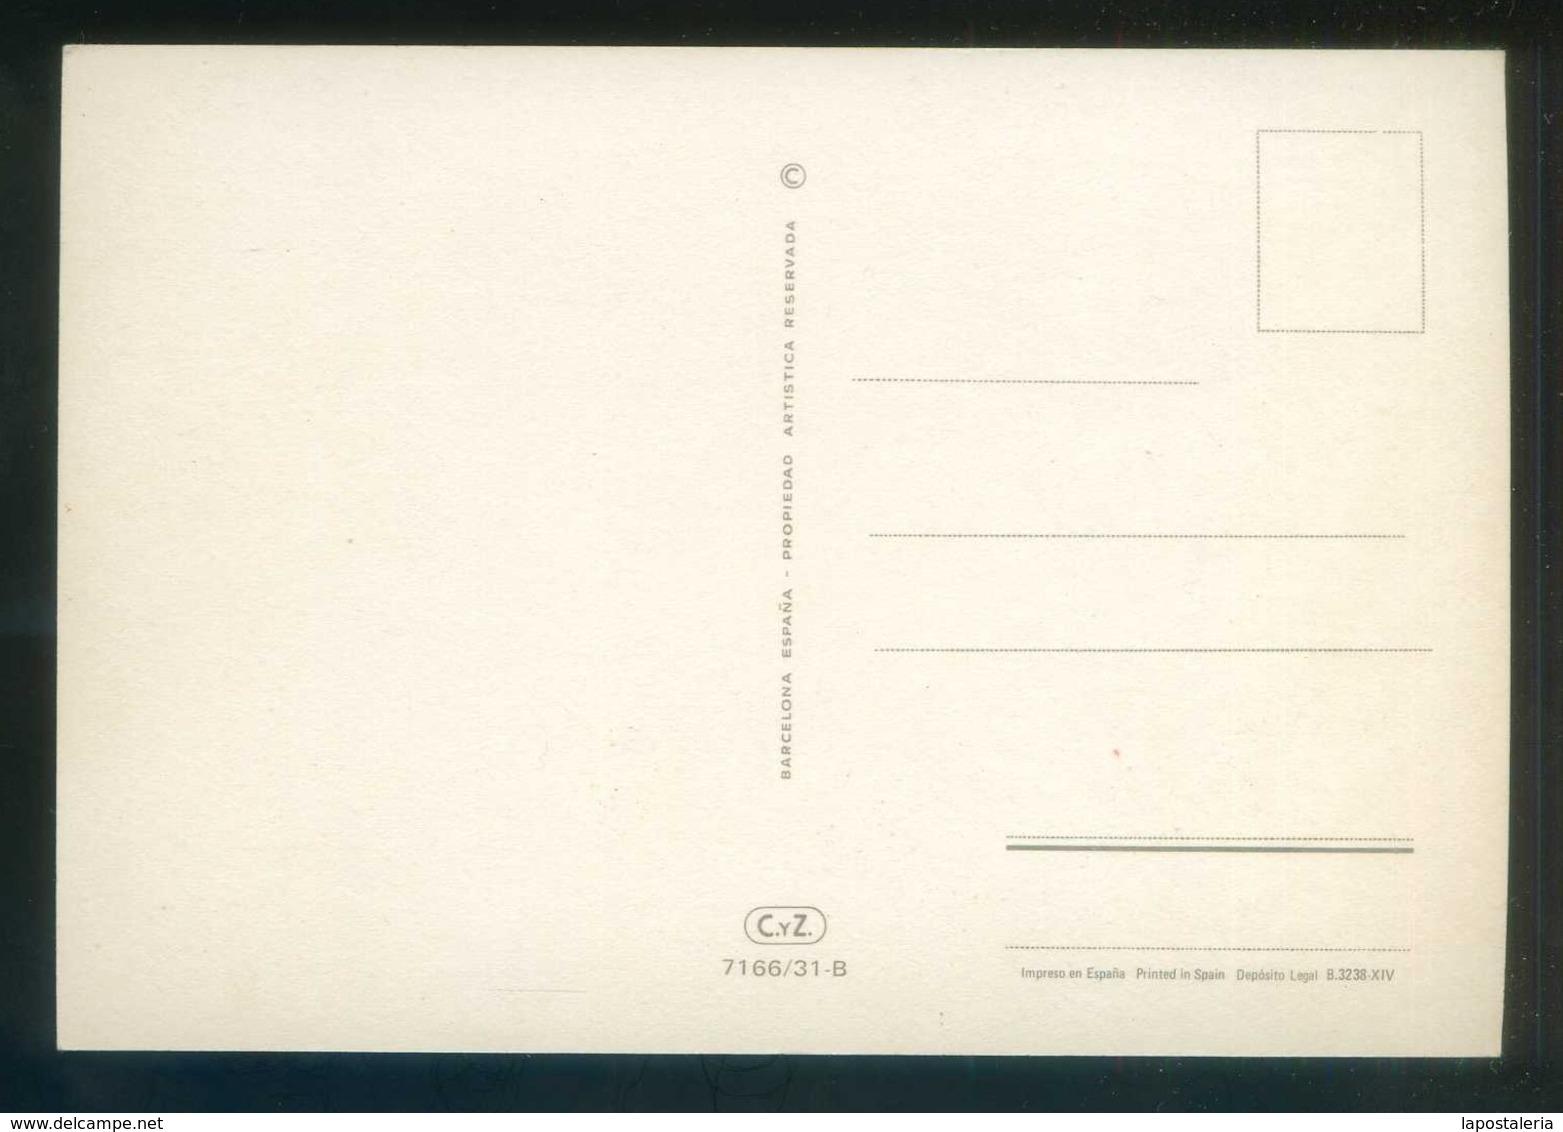 Ed. C. Y Z. Nº 7166/31-B. Nueva. - Flores, Plantas & Arboles